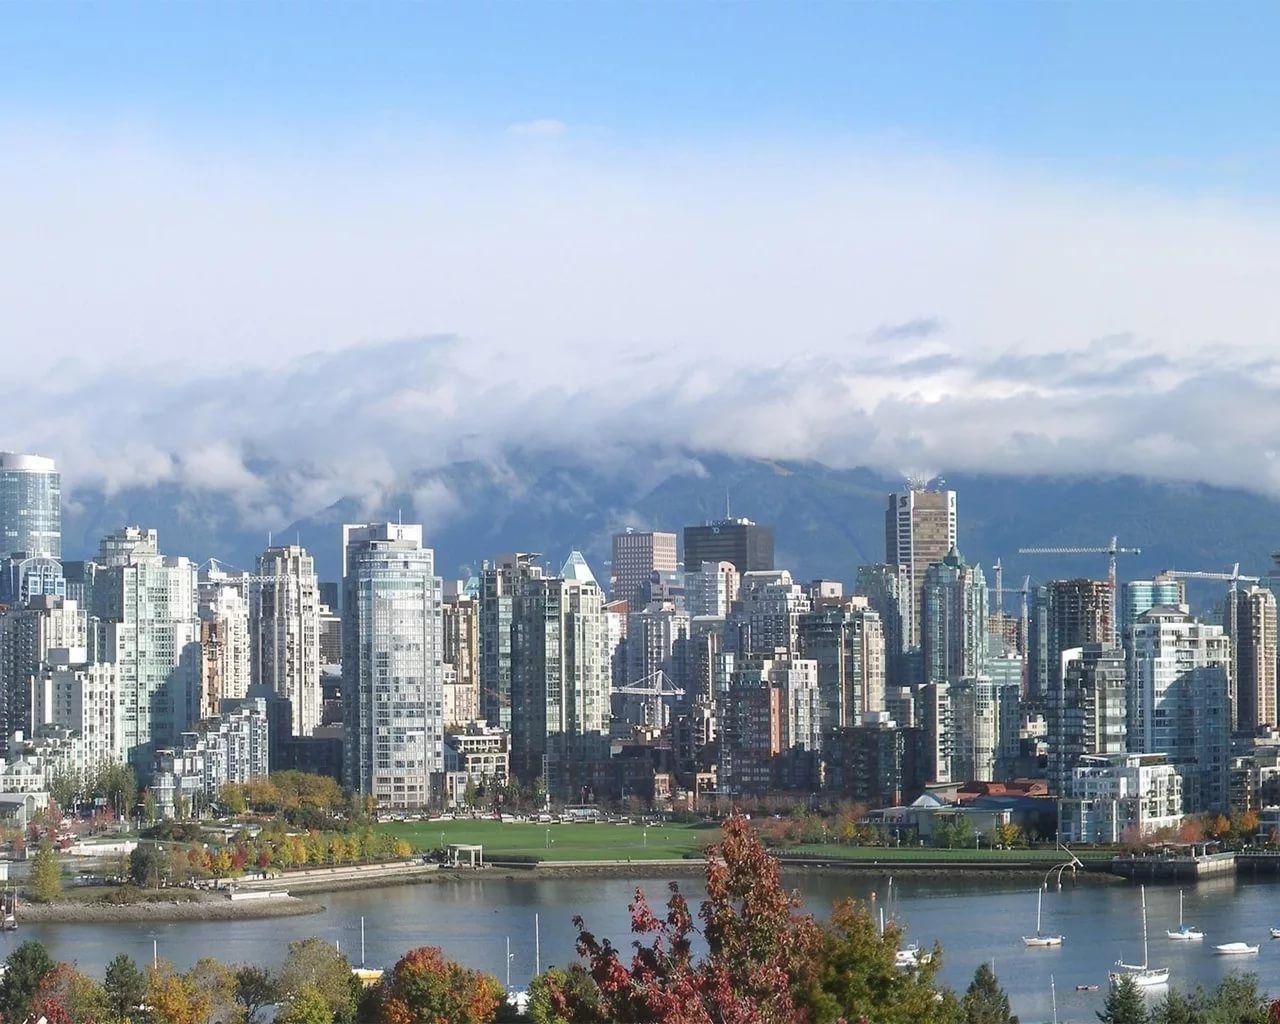 красивые картинки мегаполисов: 21 тыс изображений найдено ...